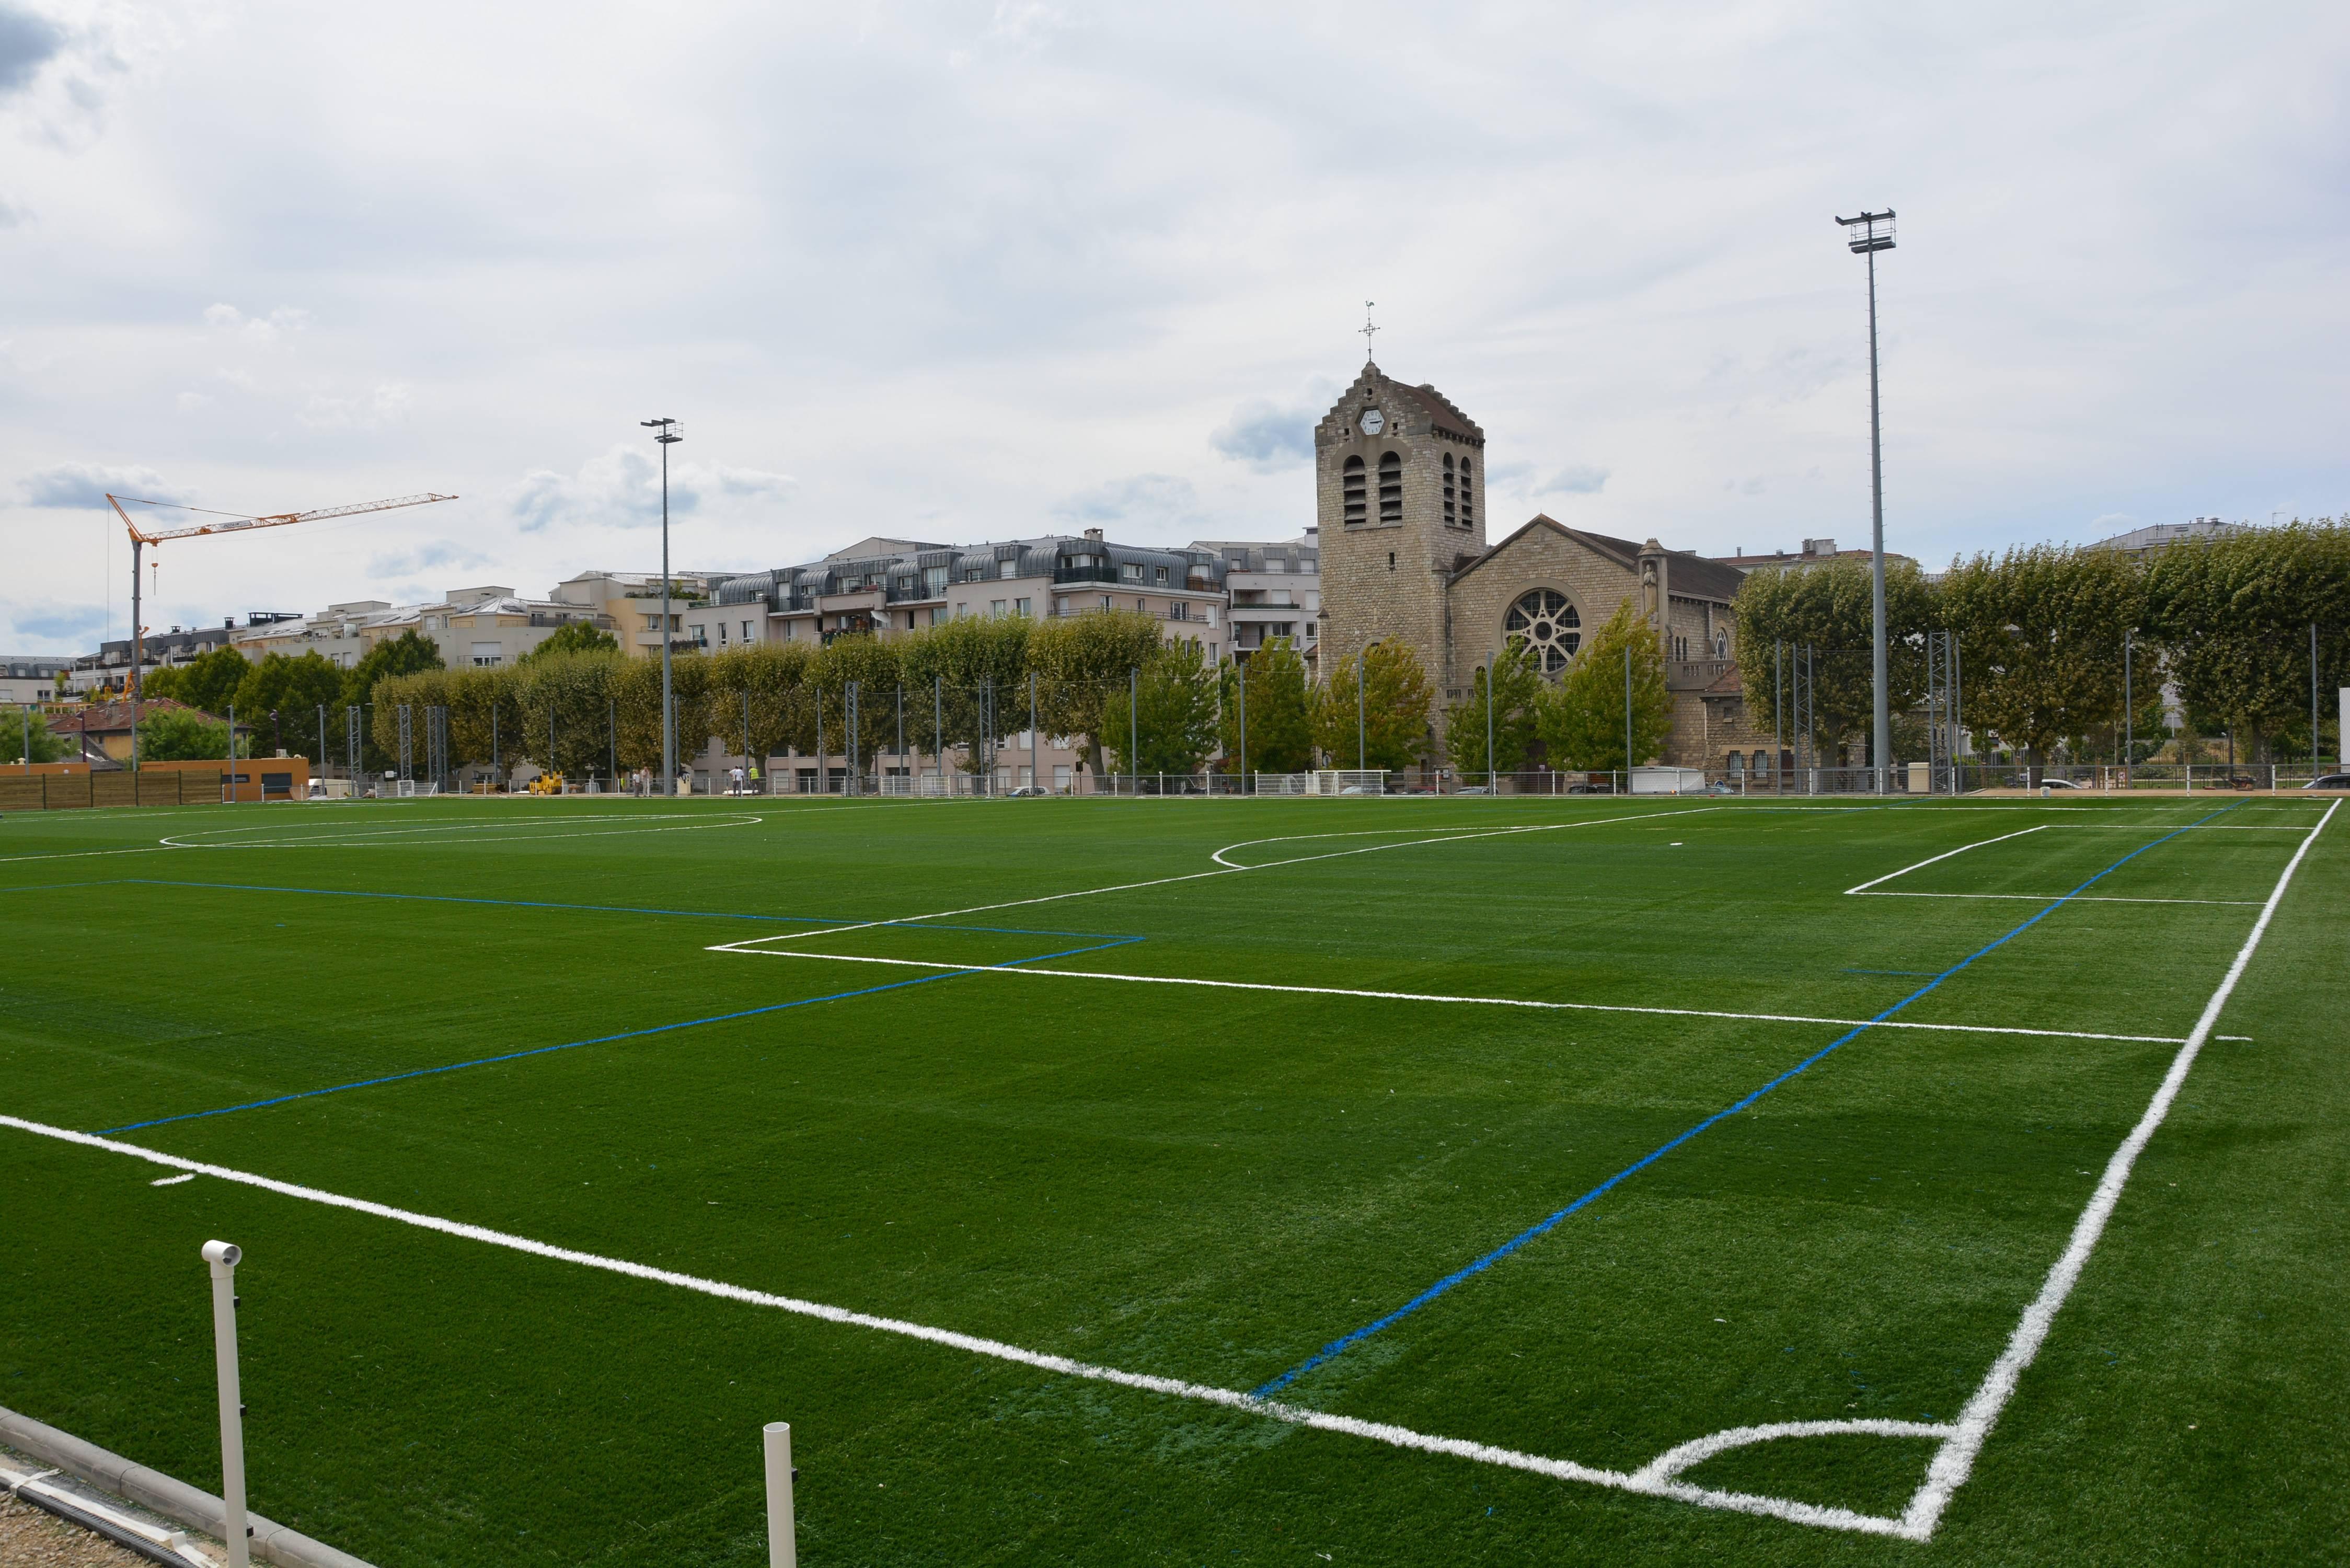 Nouvelle pelouse synth tique au stade dumotel cachan - Stade leo lagrange porte de charenton ...